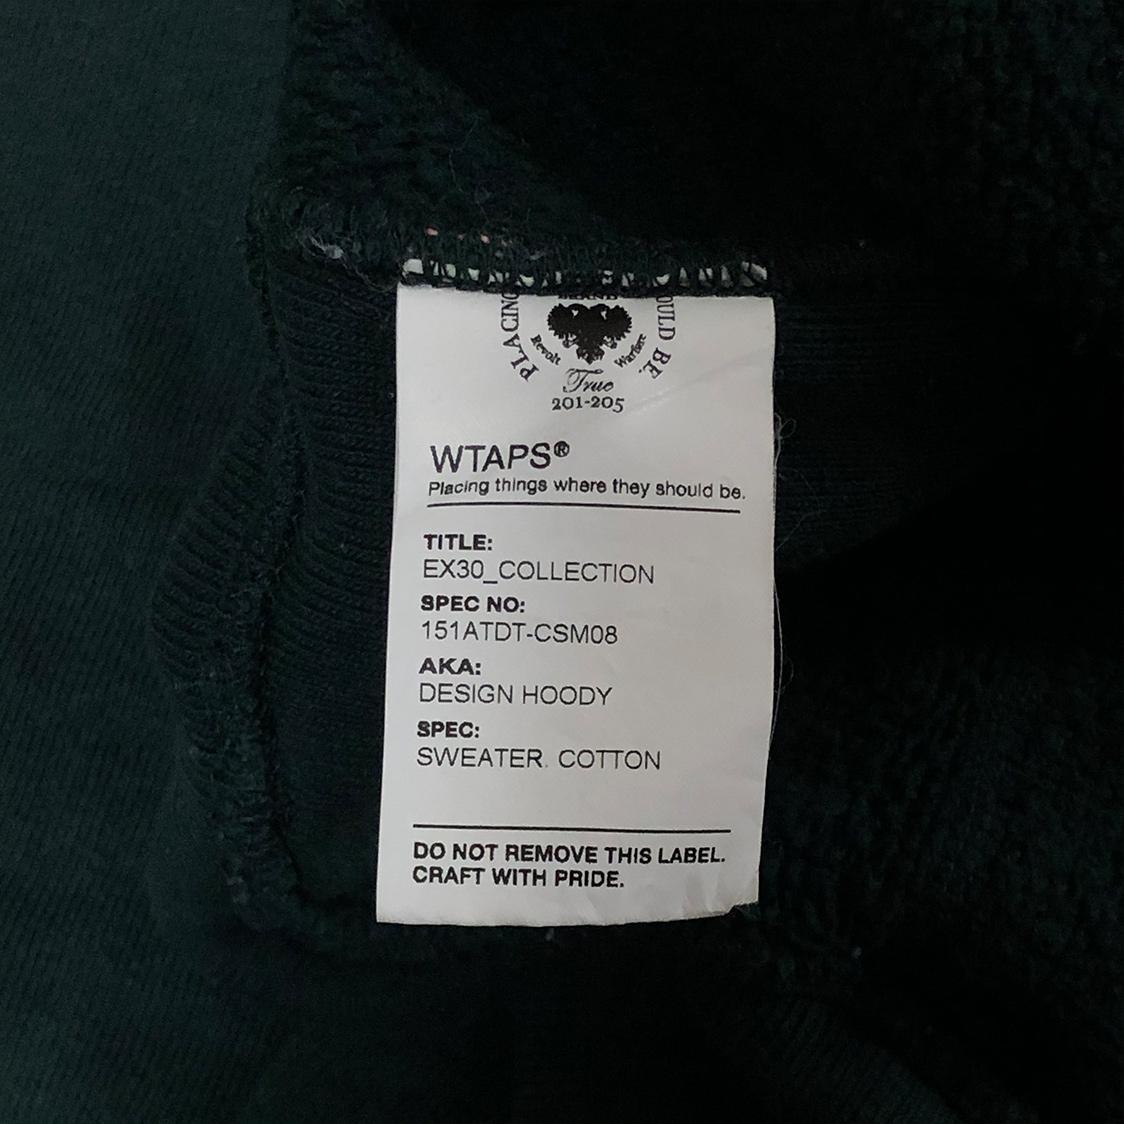 WTAPS ダブルタップス 【Lサイズ】 ロゴ プルオーバー パーカー フーディ グリーン